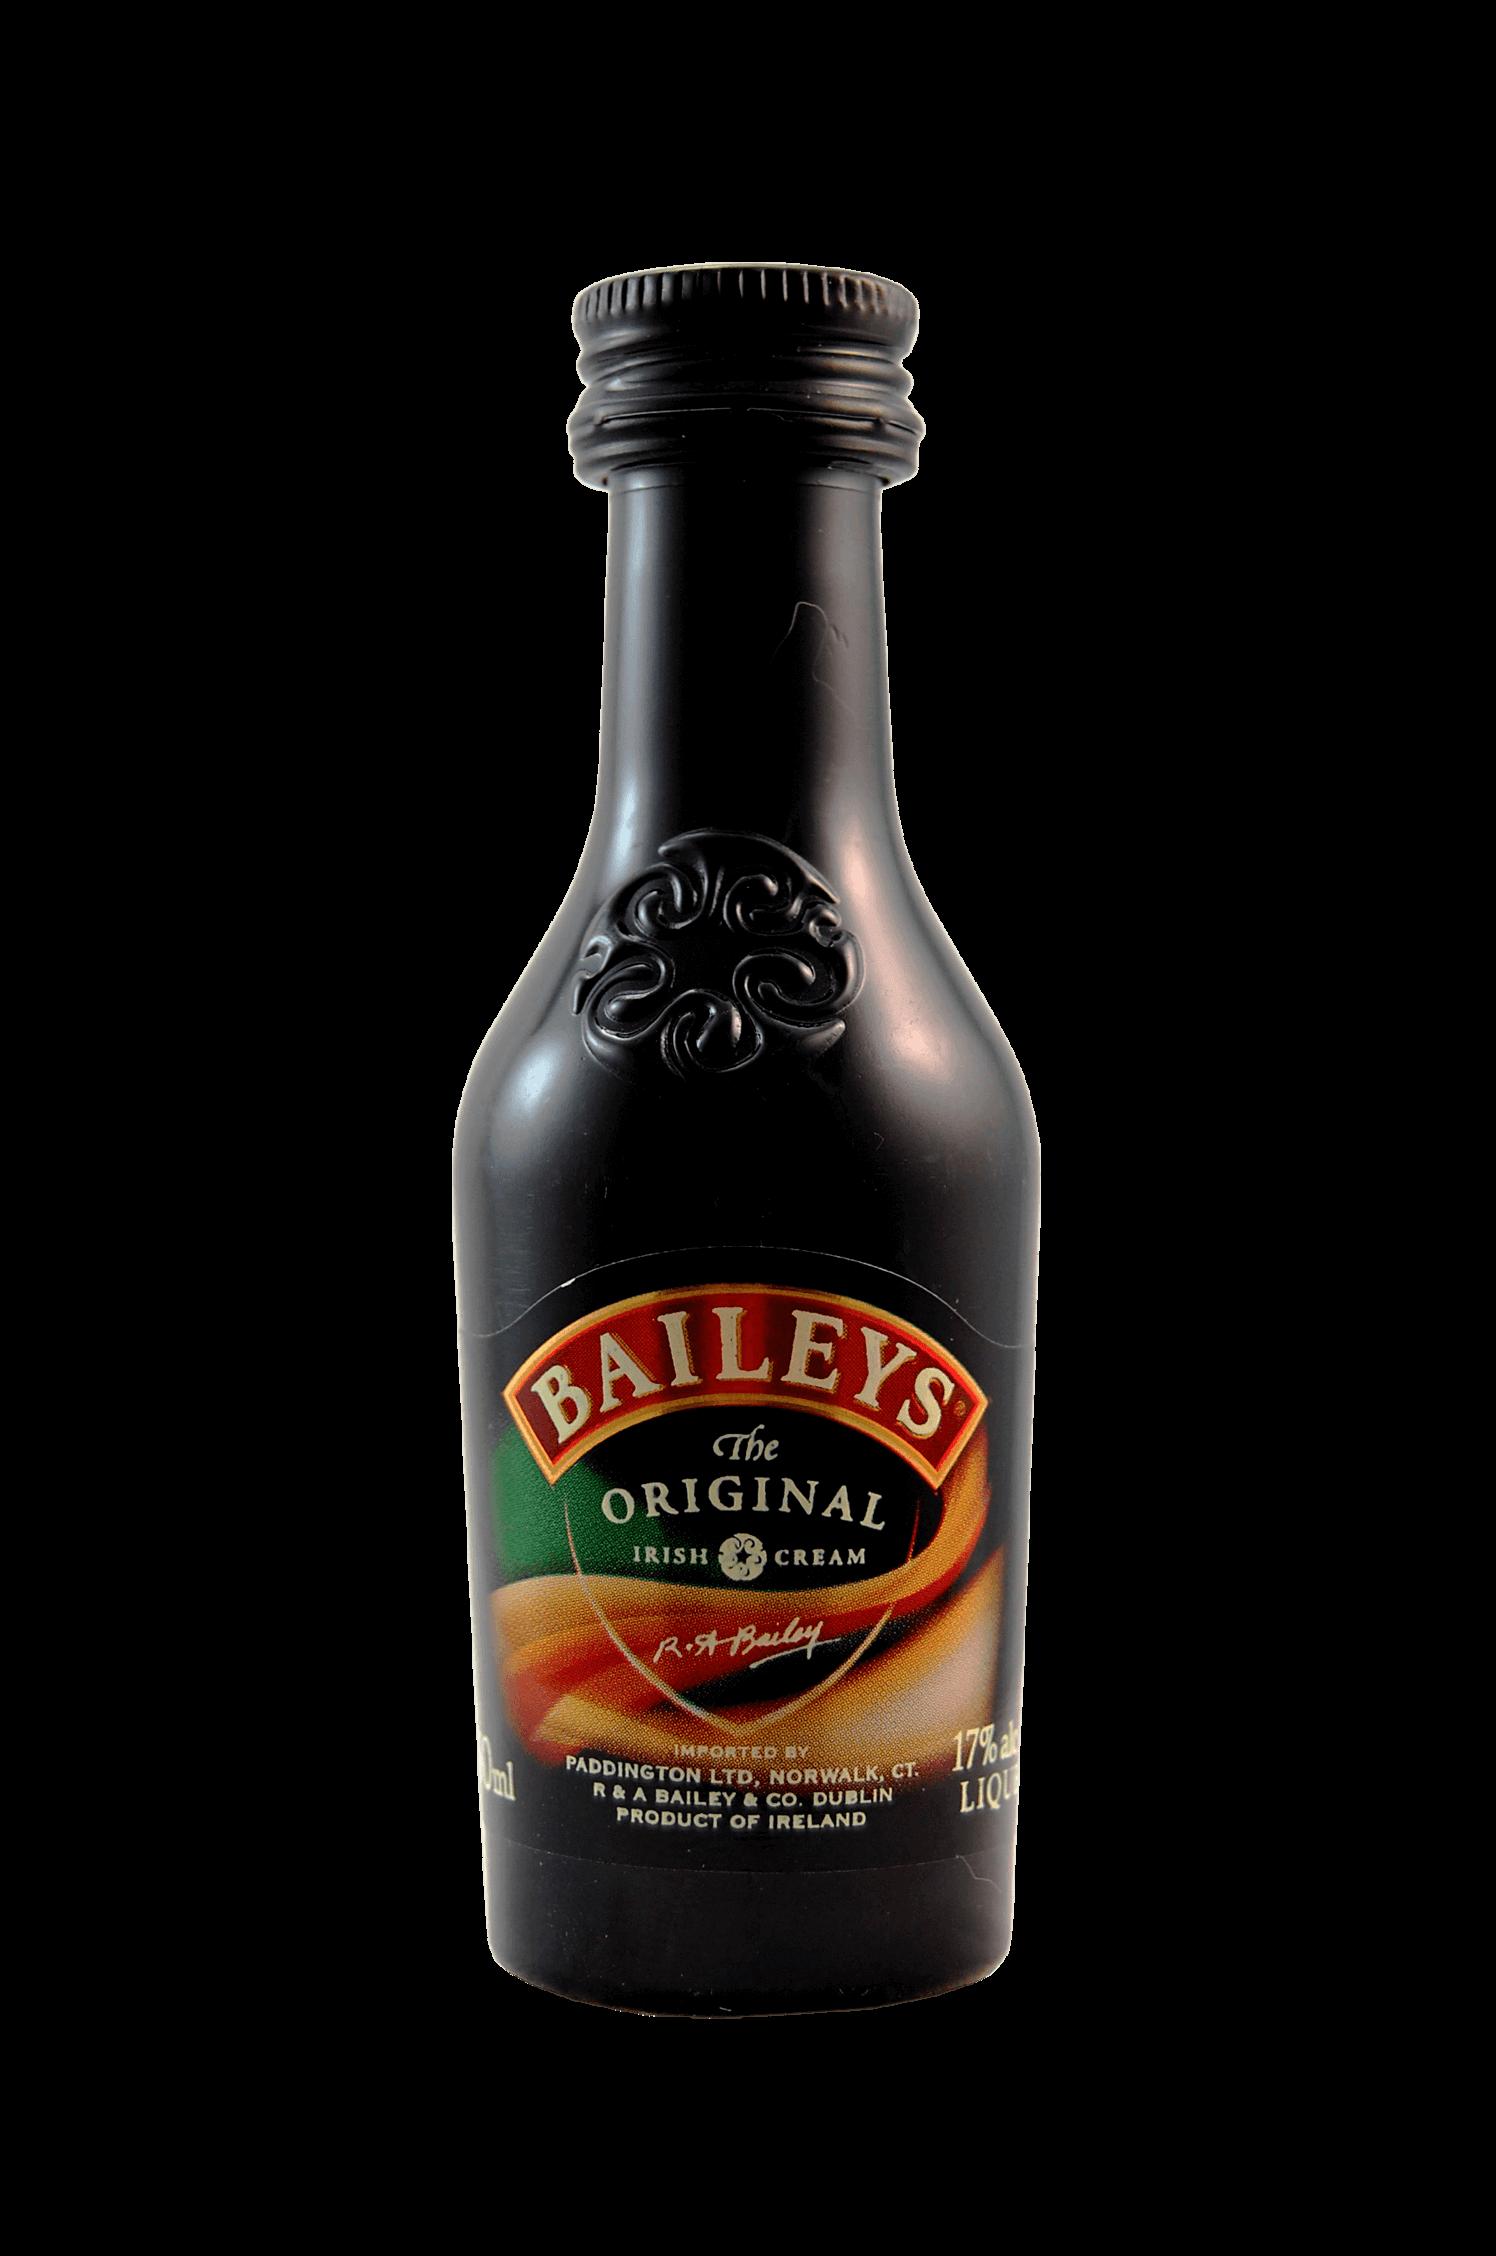 Baileys Originál Irish Cream